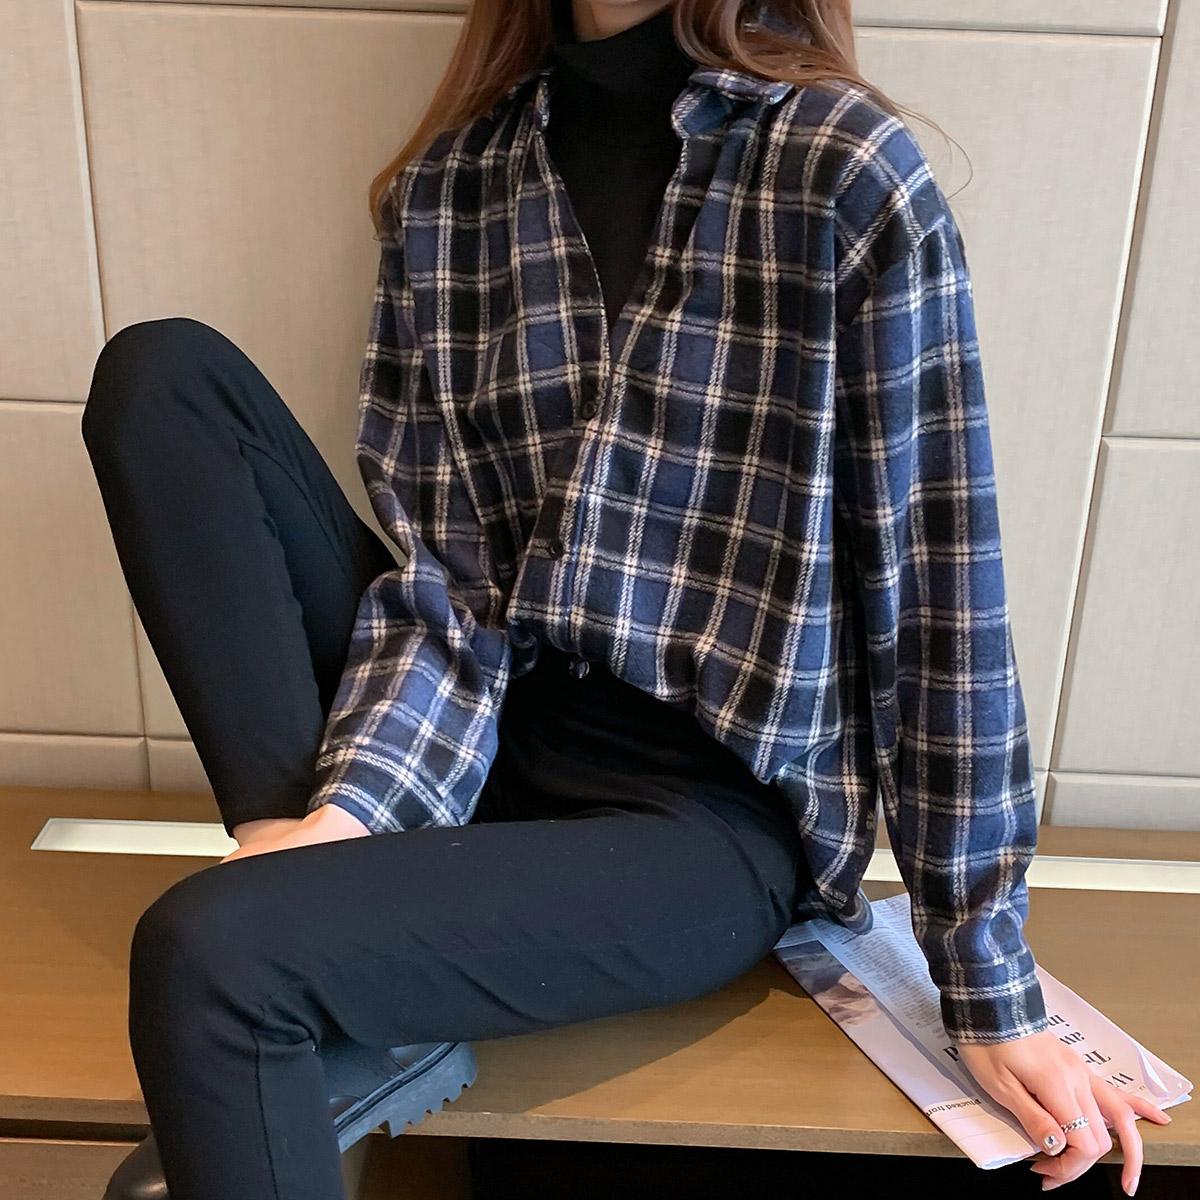 实拍 2021年新款复古格子加厚衬衫女宽松显瘦上衣假两件衬衣 3557